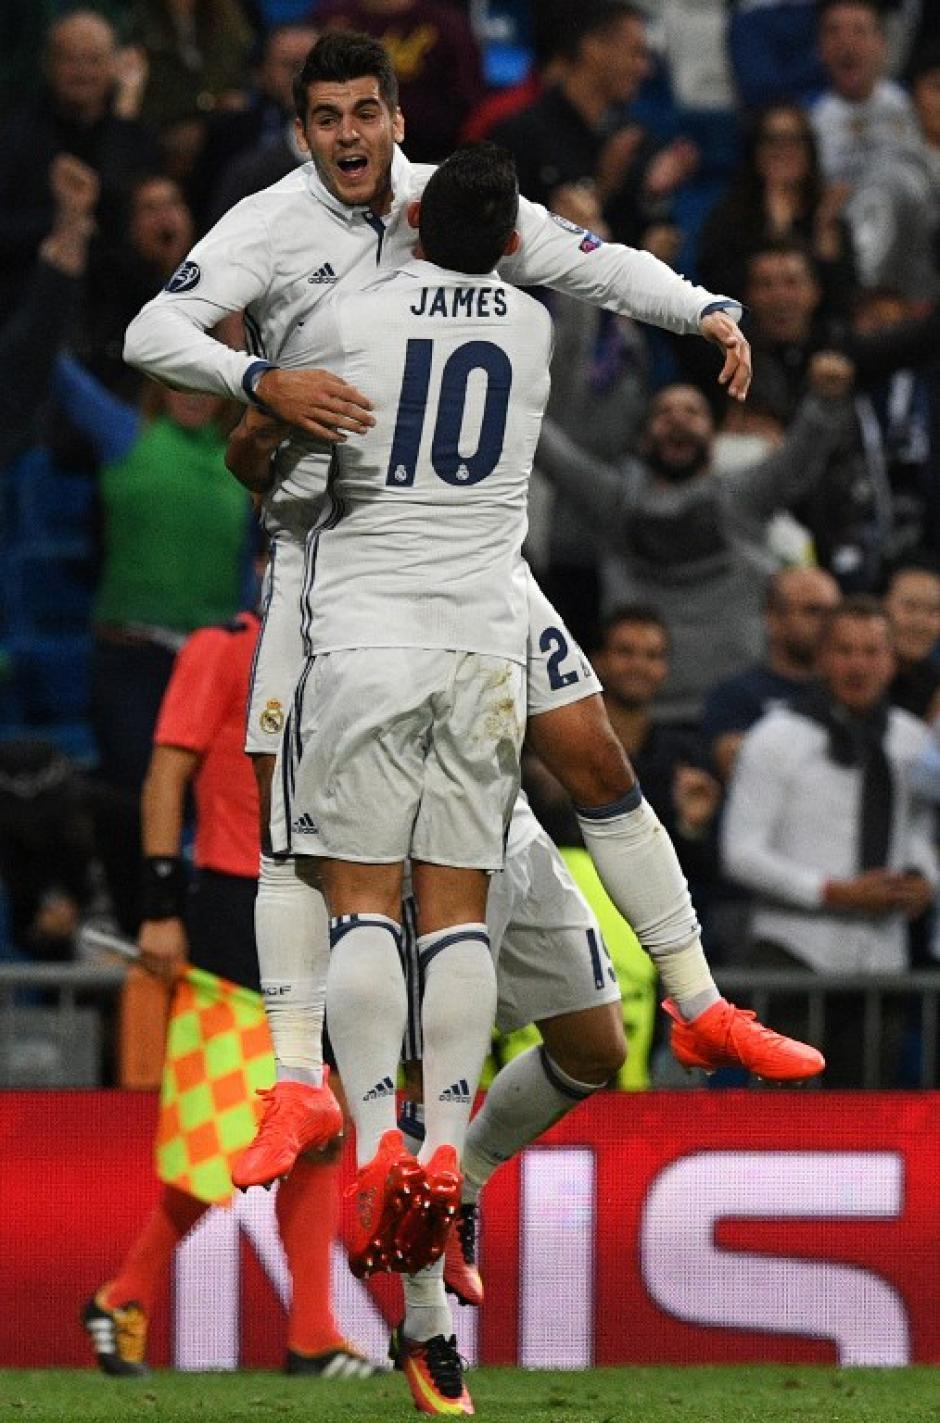 Morata y James fabricaron un gol en la última jugada (Foto: AFP)